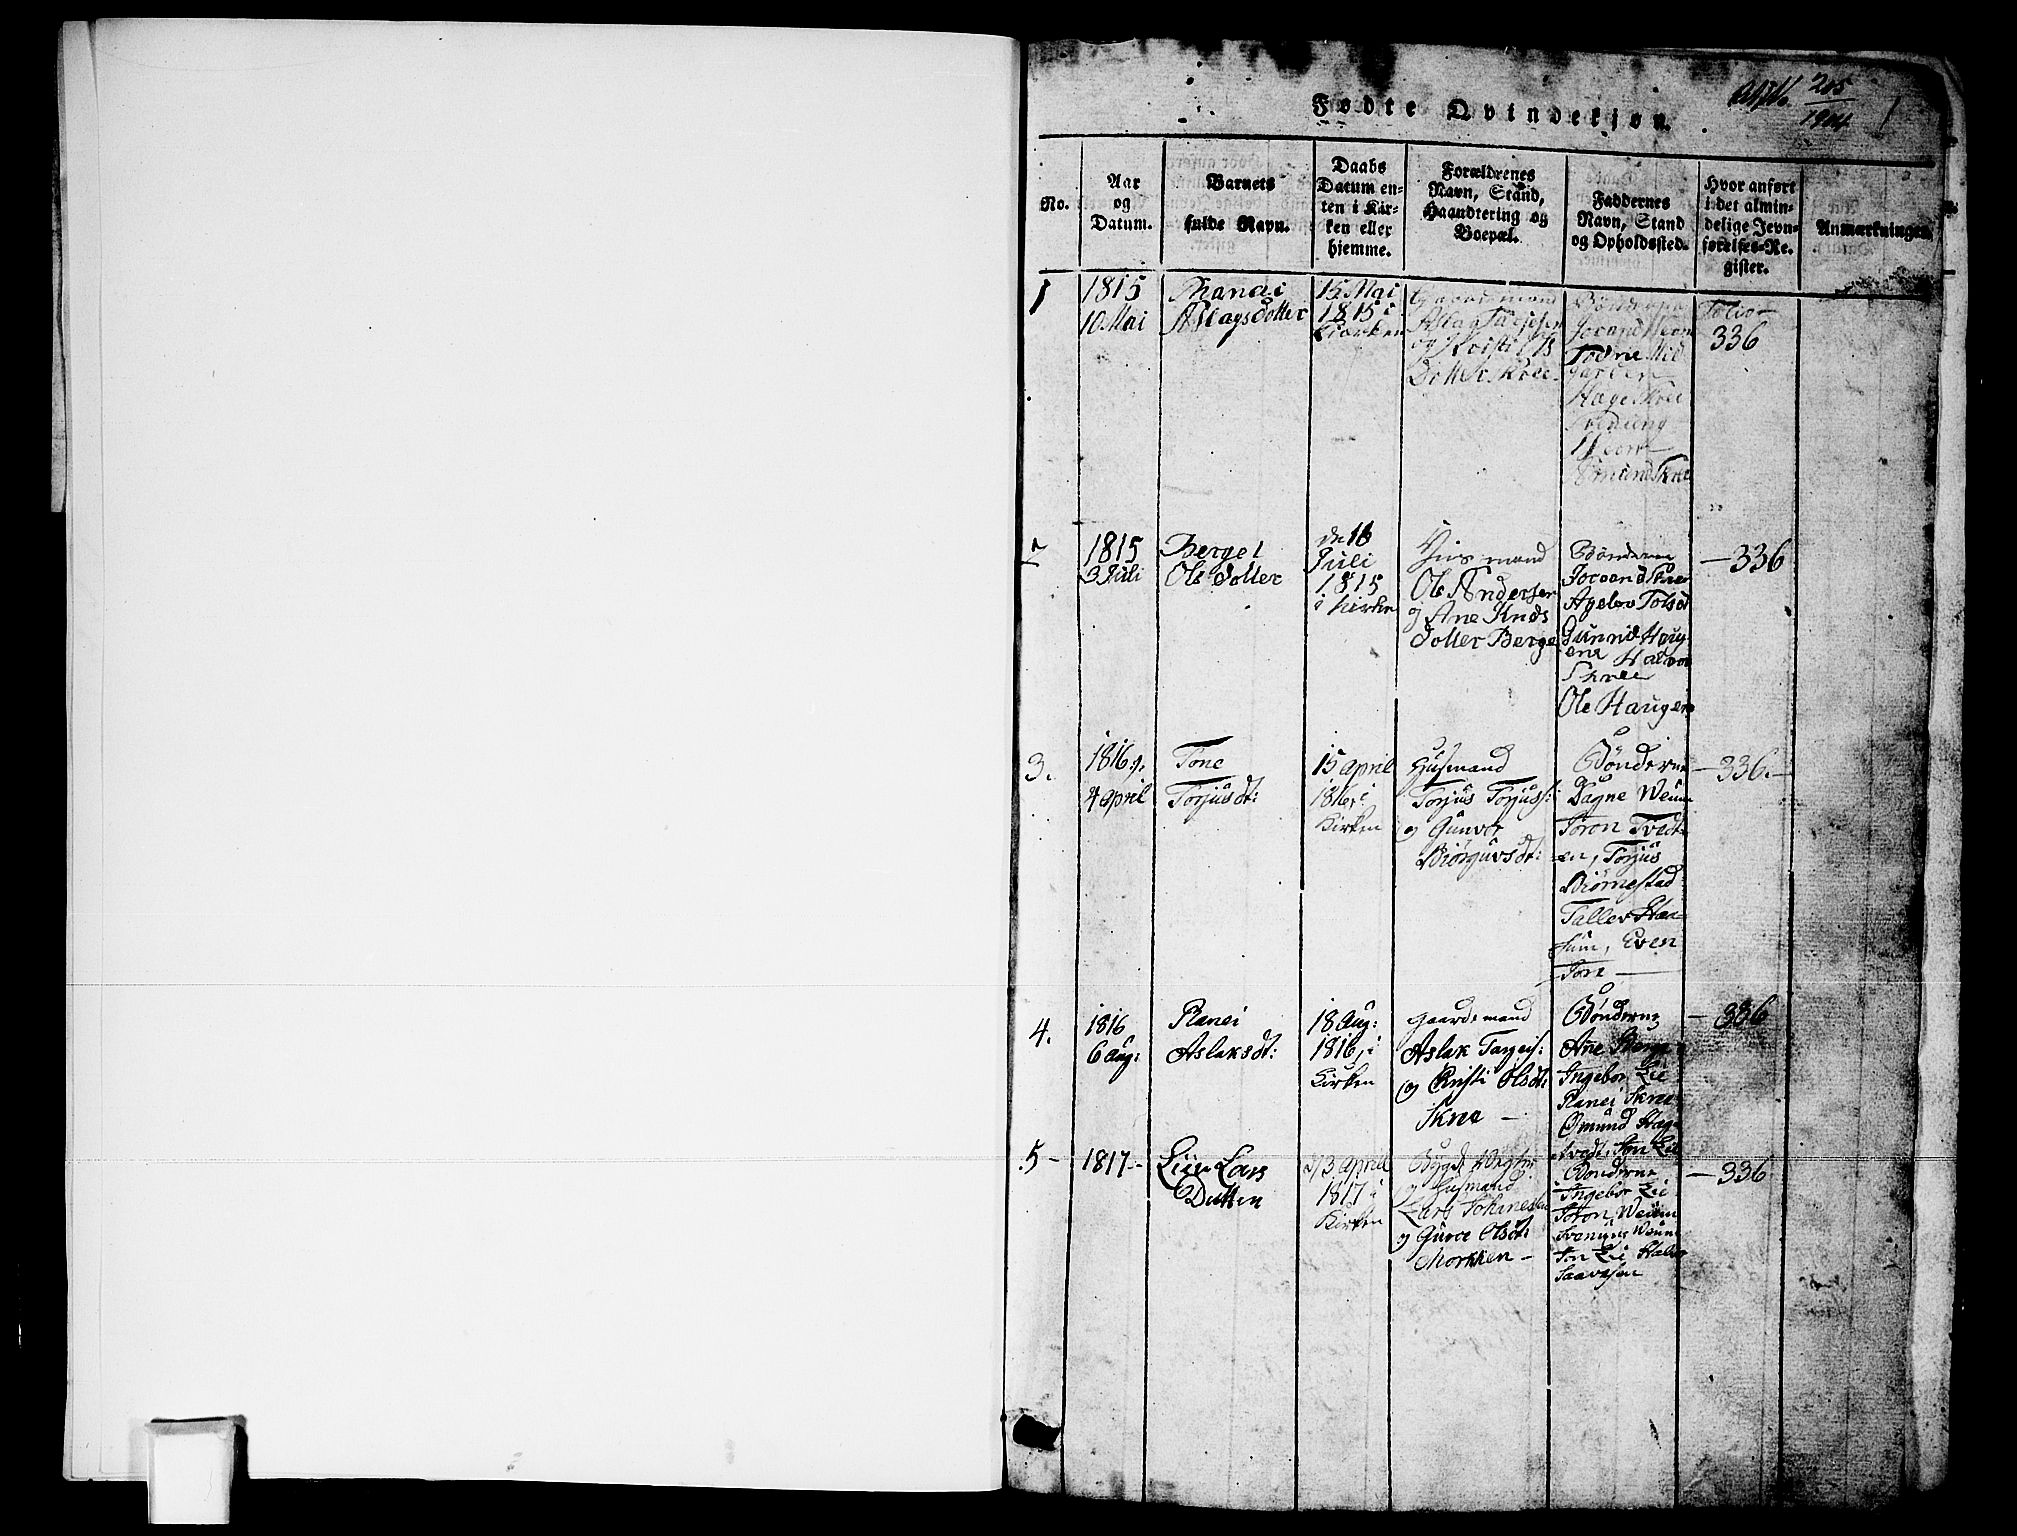 SAKO, Fyresdal kirkebøker, G/Ga/L0003: Klokkerbok nr. I 3, 1815-1863, s. 1